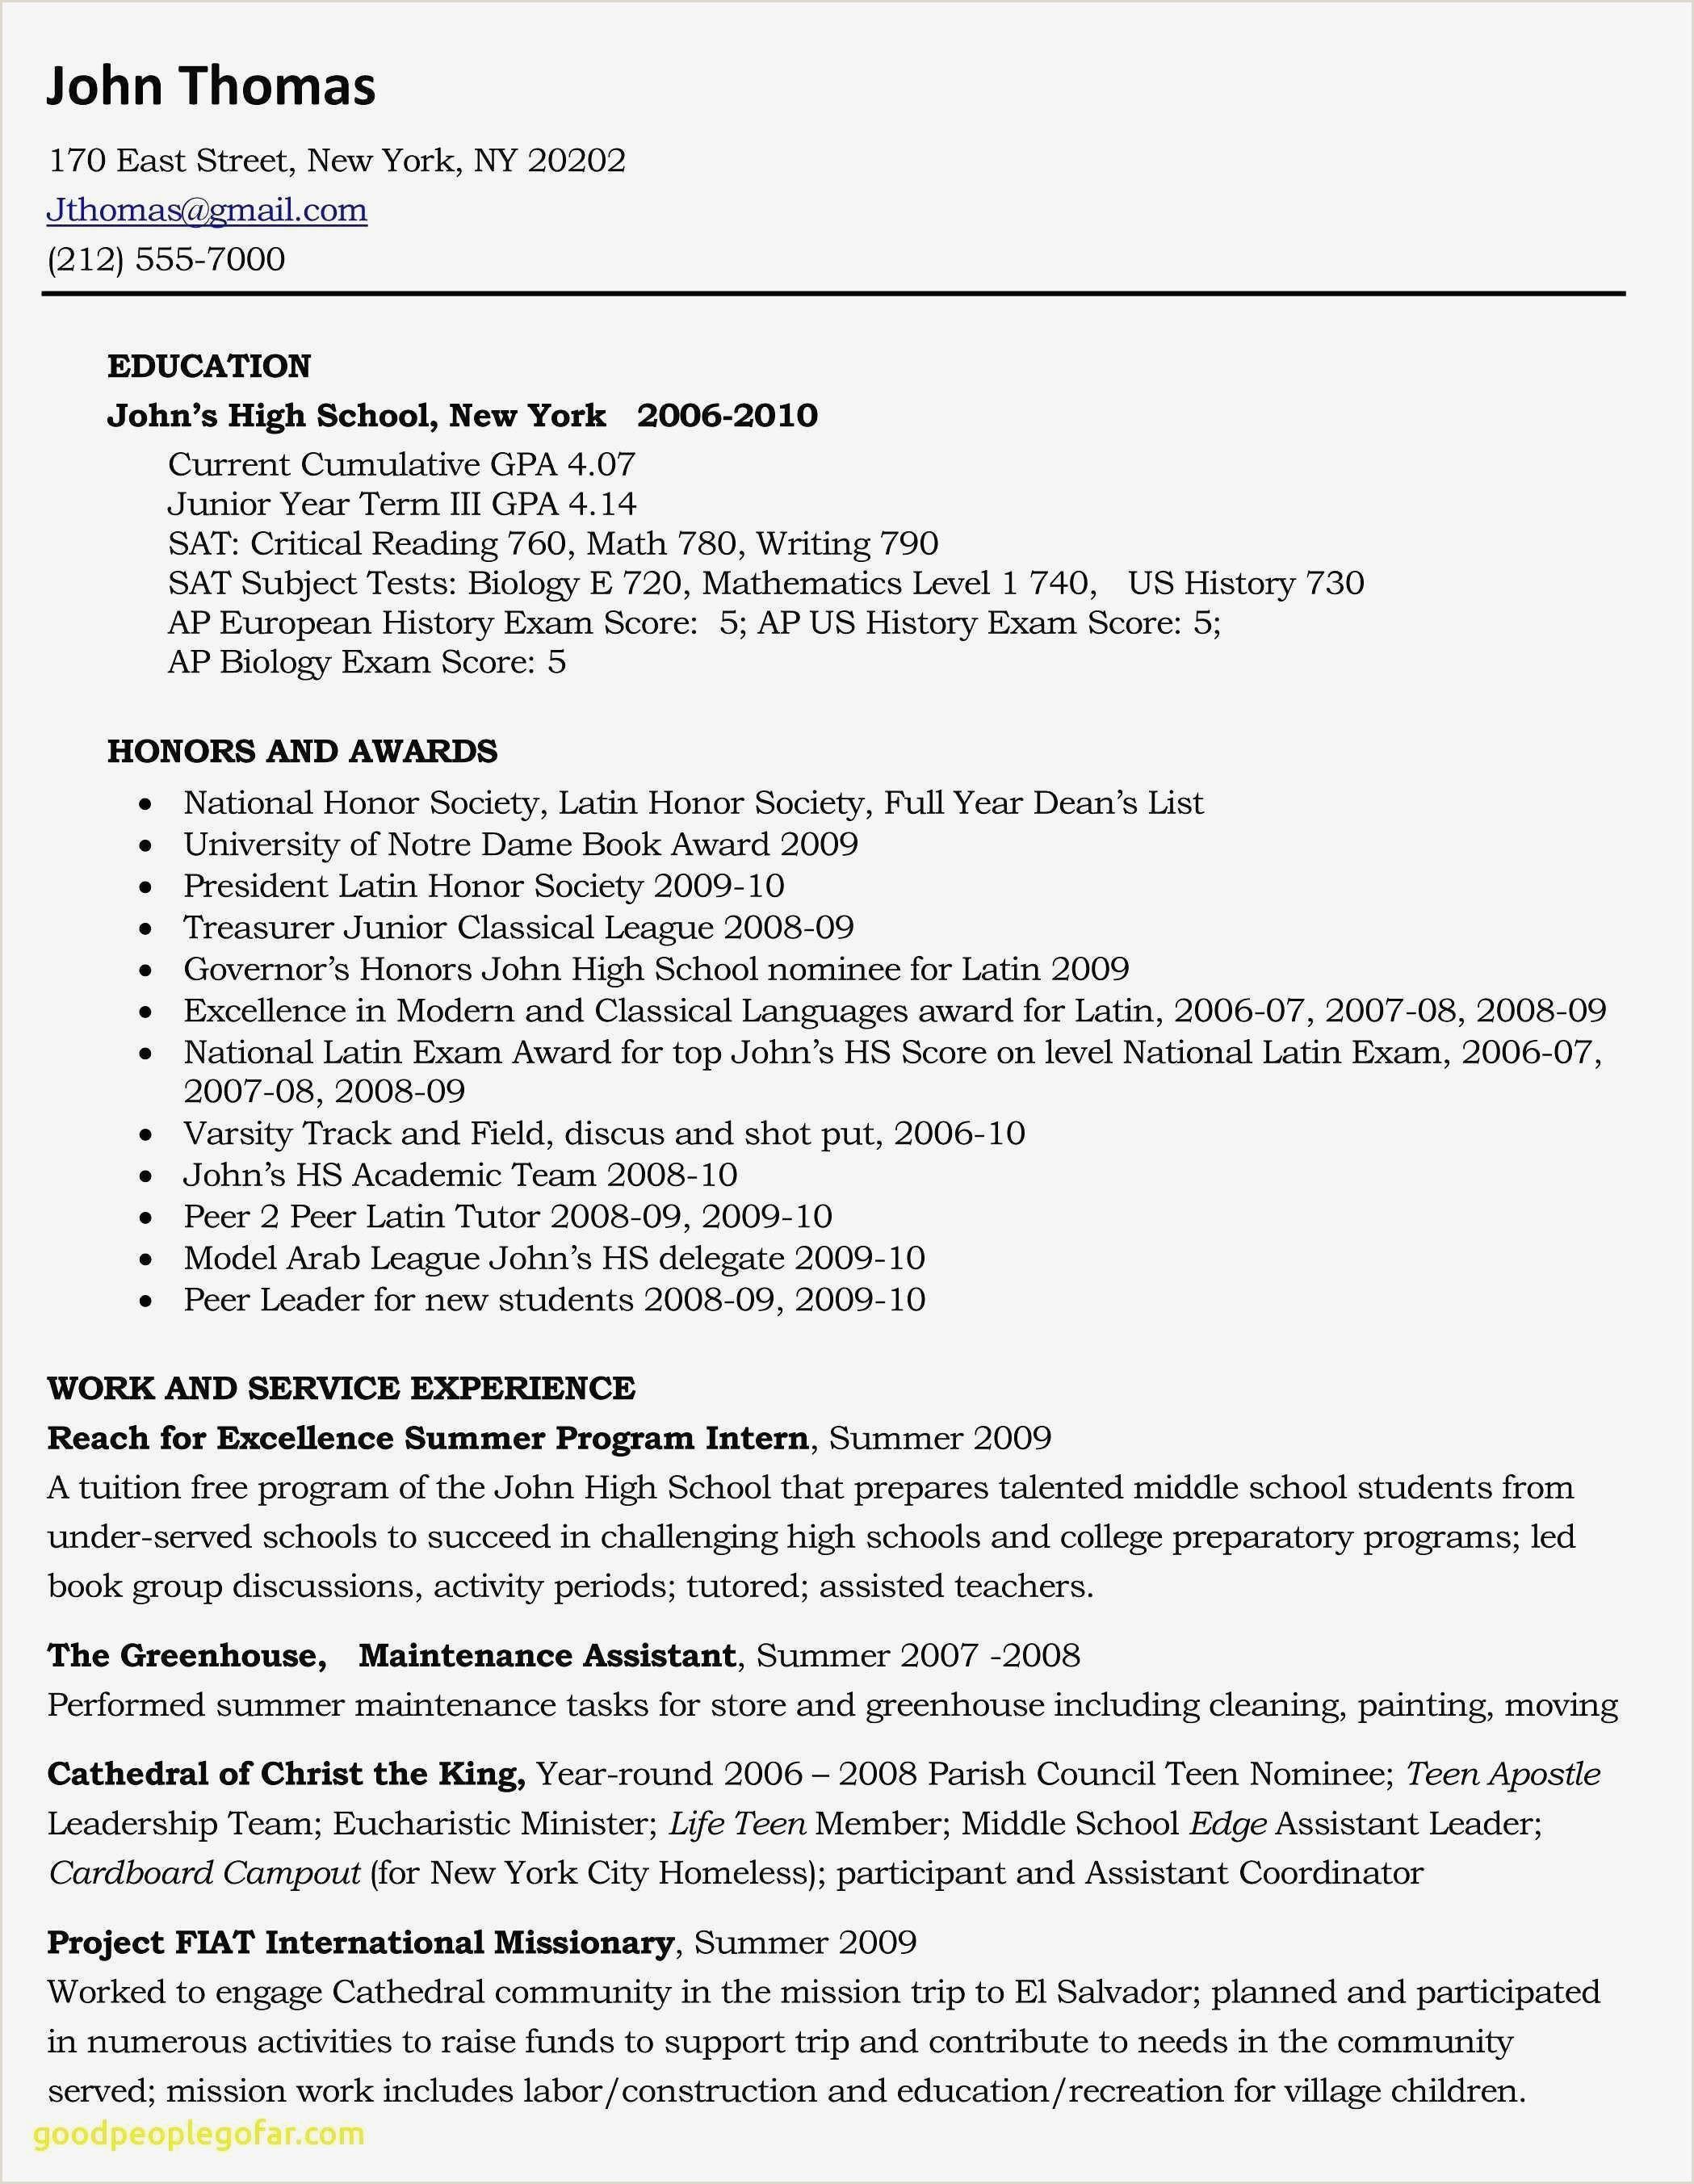 Resume Format For Job Blank Modele De Cv Batiment Gratuit Agréable Fresh Blank Resume